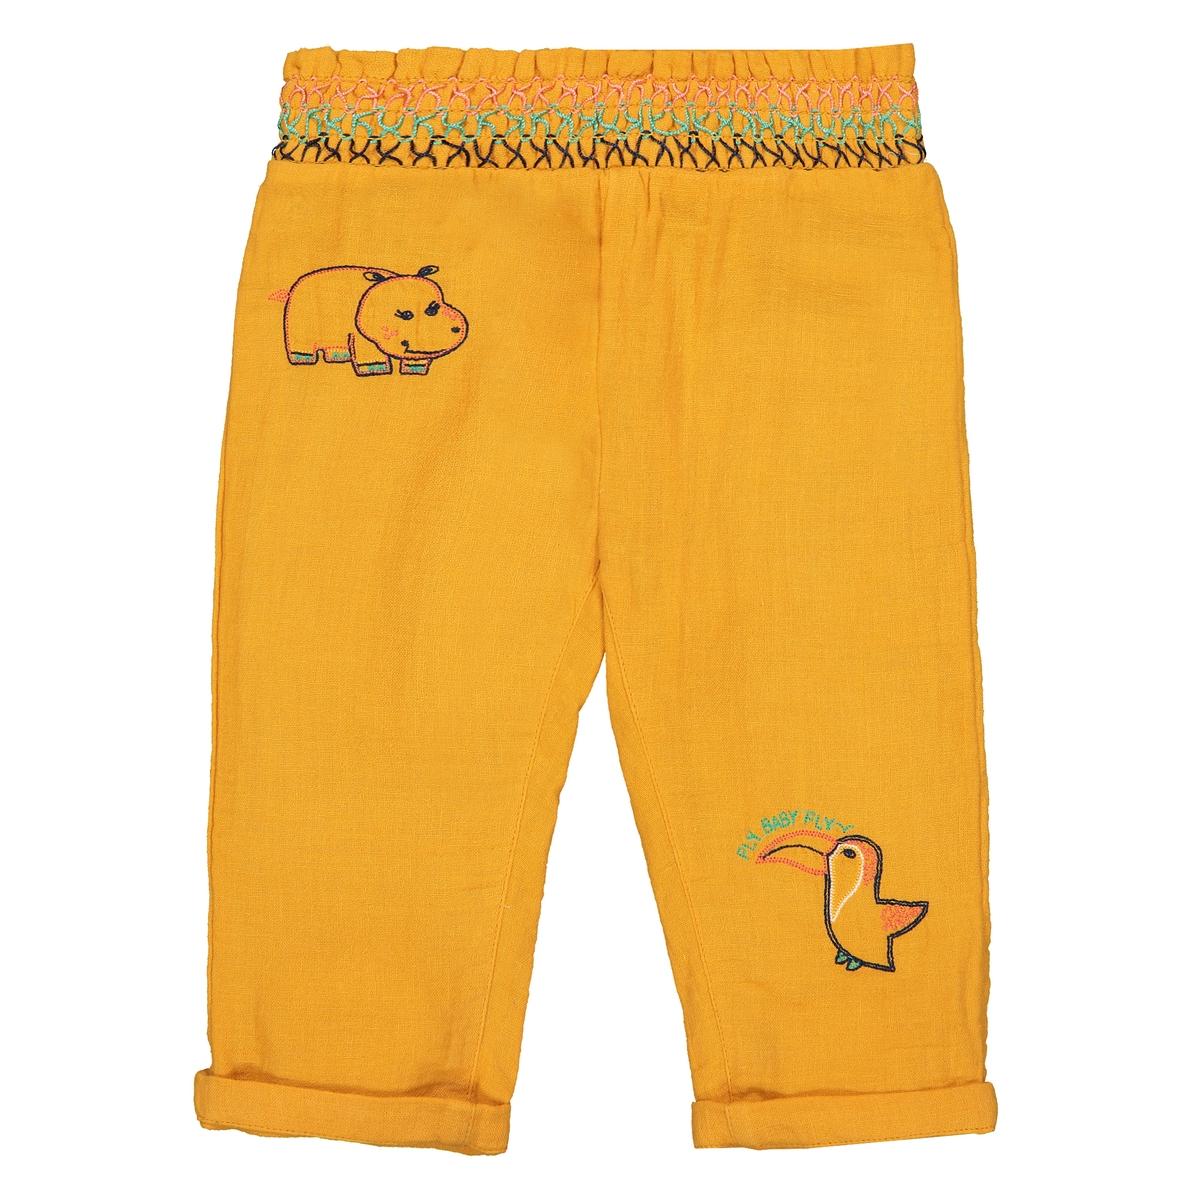 Брюки La Redoute Прямые с вышивкой мес - года 1 мес. - 54 см желтый шорты с вышивкой 1 мес 3 года